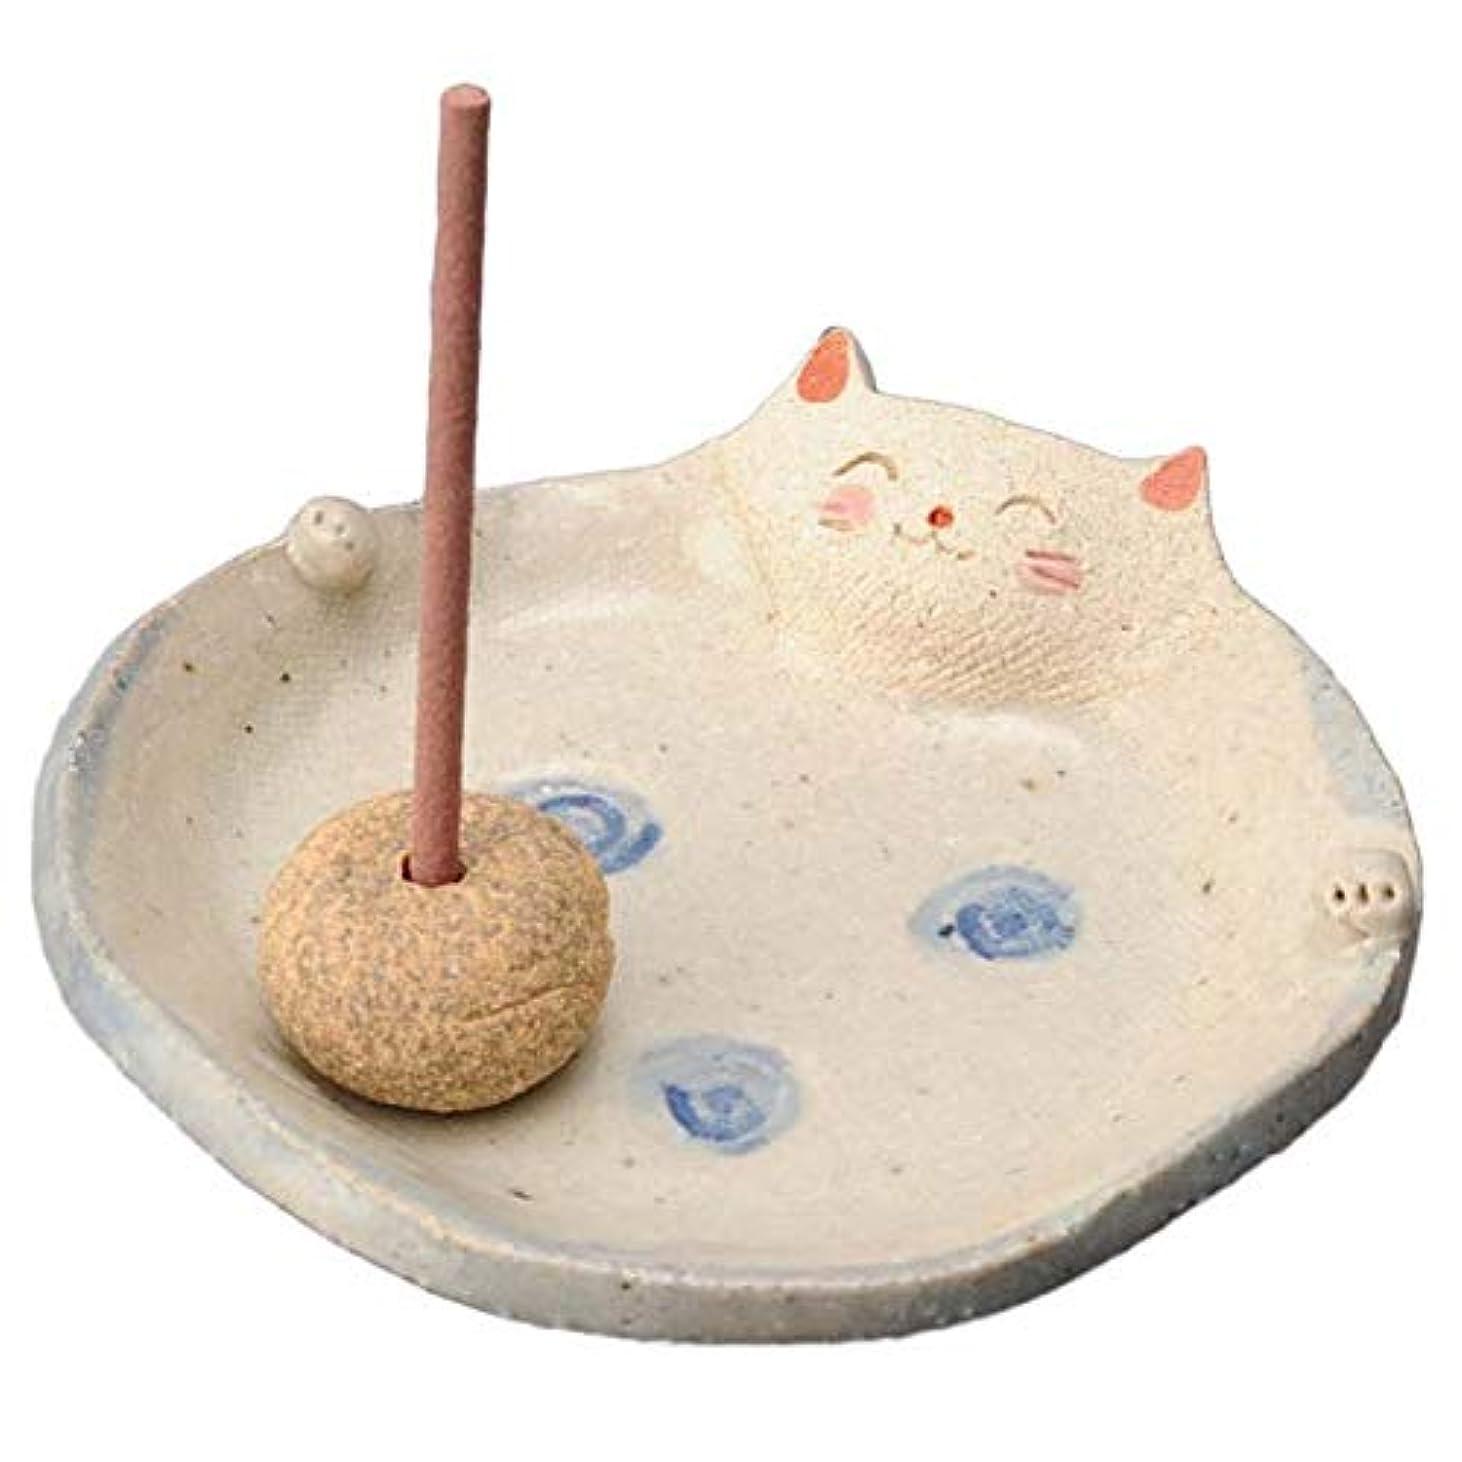 称賛冬処理する手造り 香皿 香立て/ふっくら 香皿(ネコ) /香り アロマ 癒やし リラックス インテリア プレゼント 贈り物